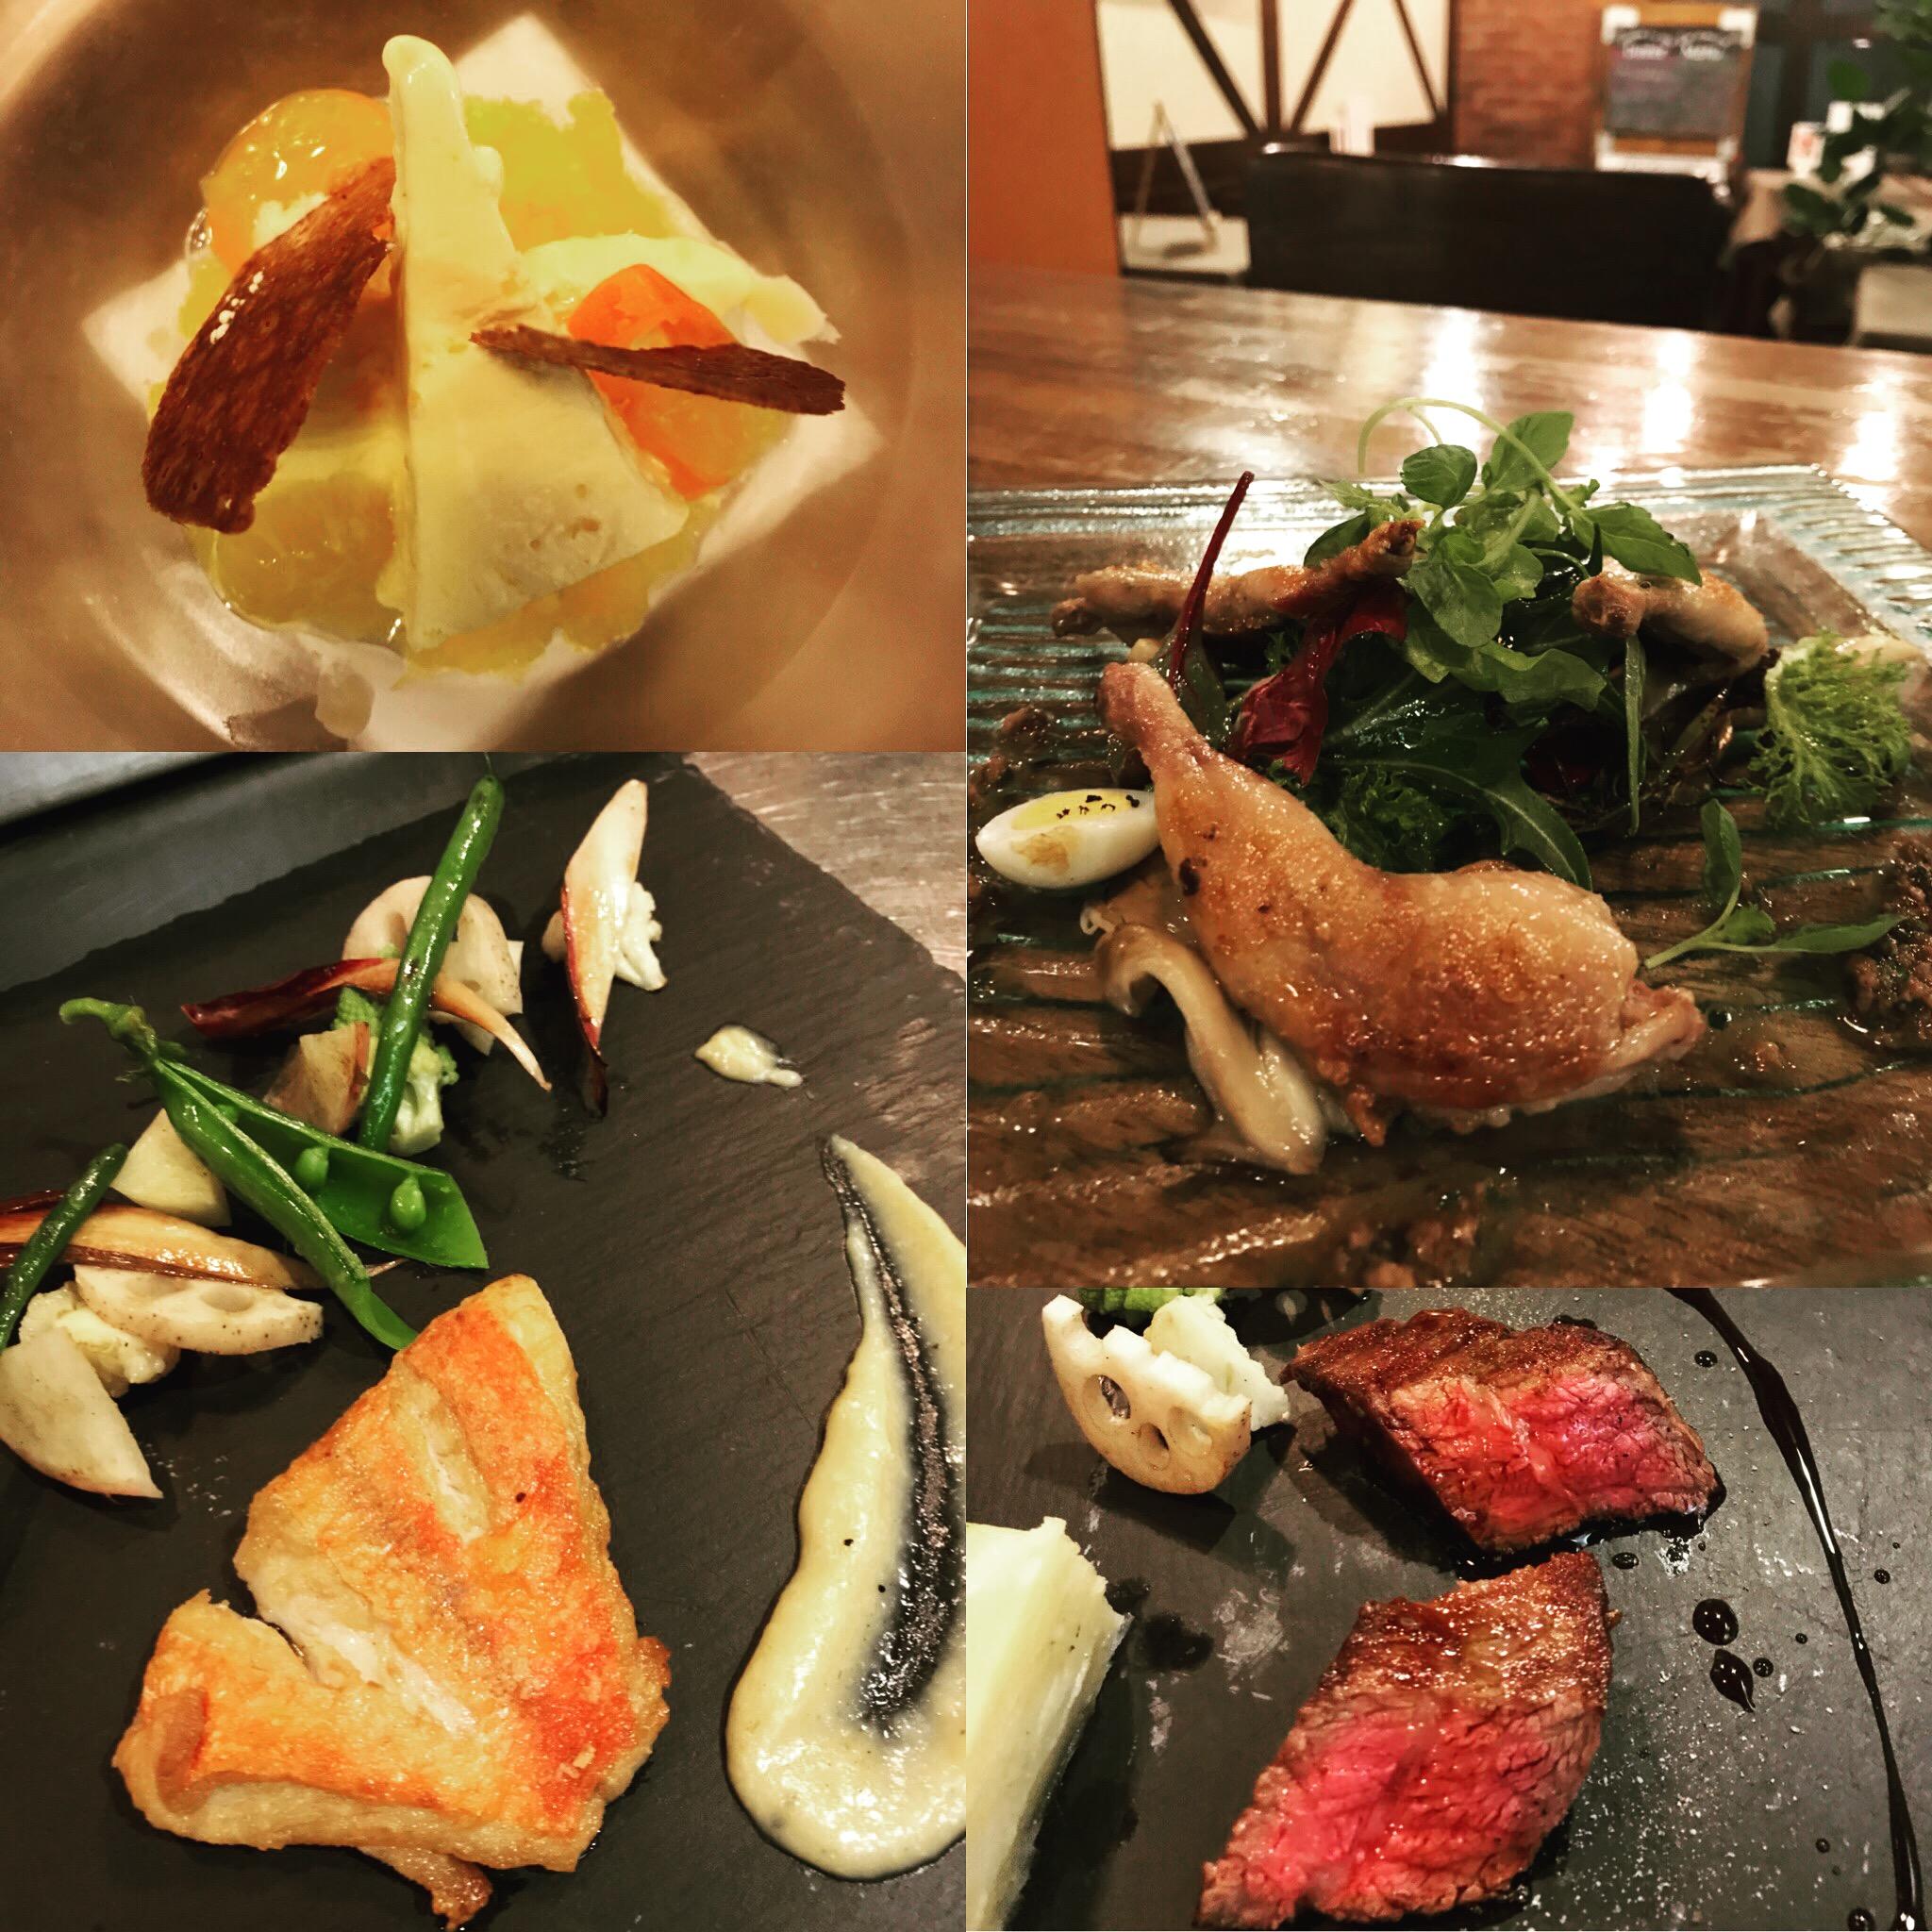 2018/2 ディナーコース ウズラのパッデラ/金目鯛のポワレ/オレンジのセミフレッド、金柑のコンポート